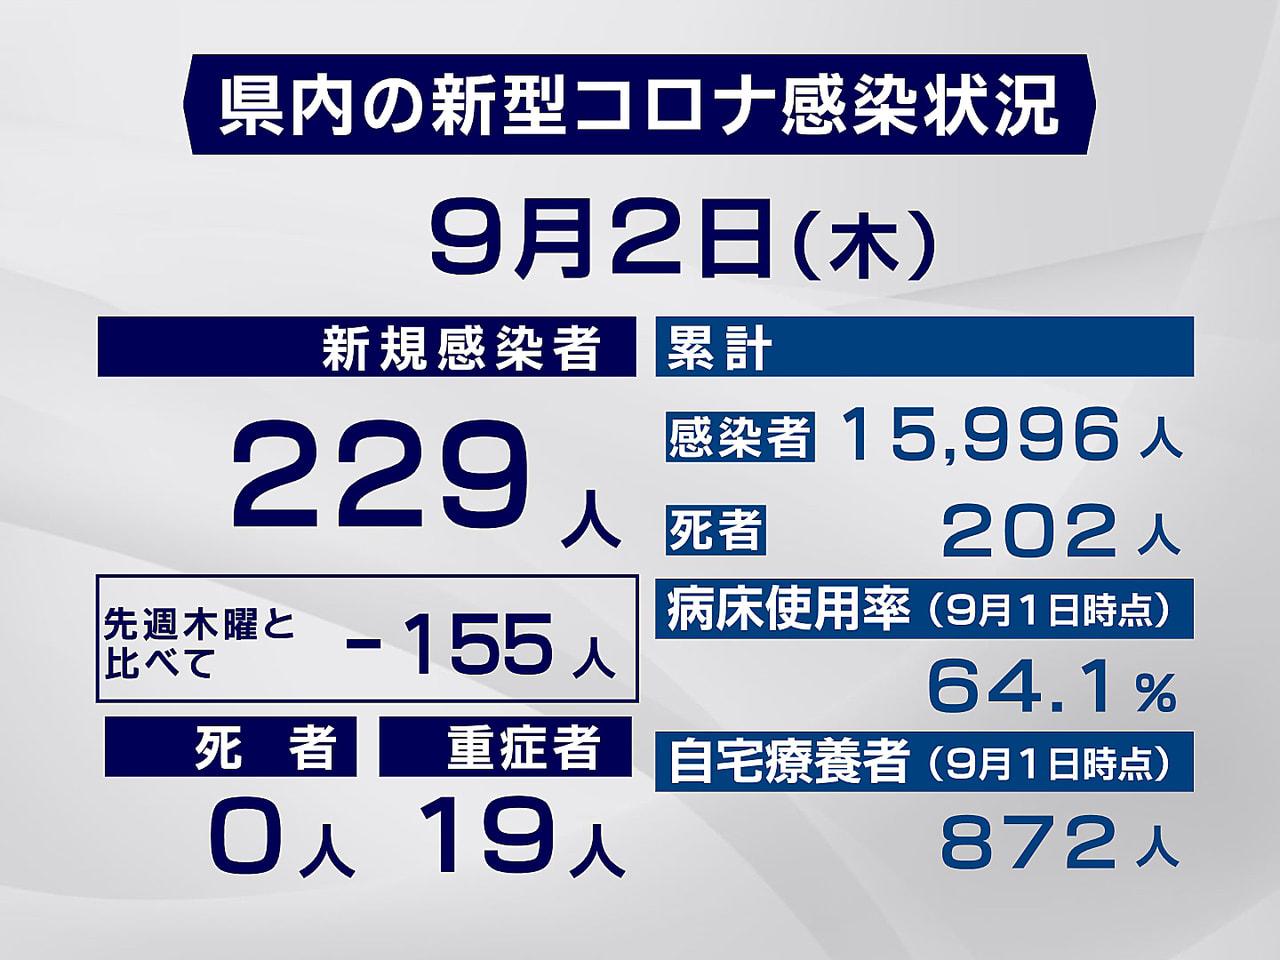 岐阜県と岐阜市は2日、新型コロナウイルスの感染者が新たに229人確認されたと発表...